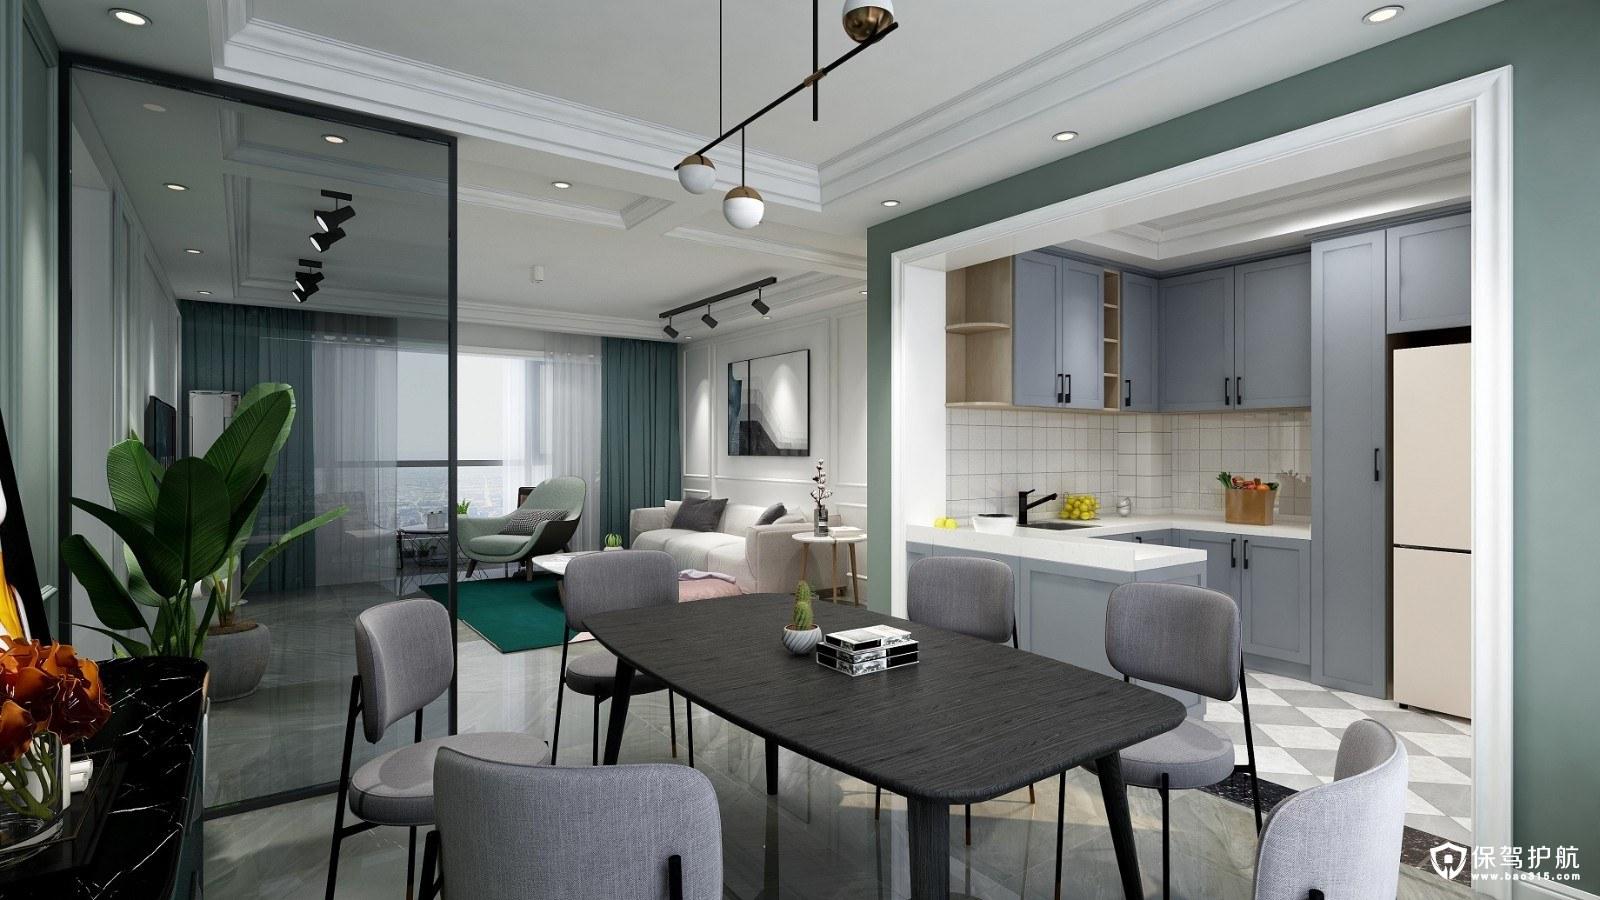 尚城国际北欧风格四居室装修效果图